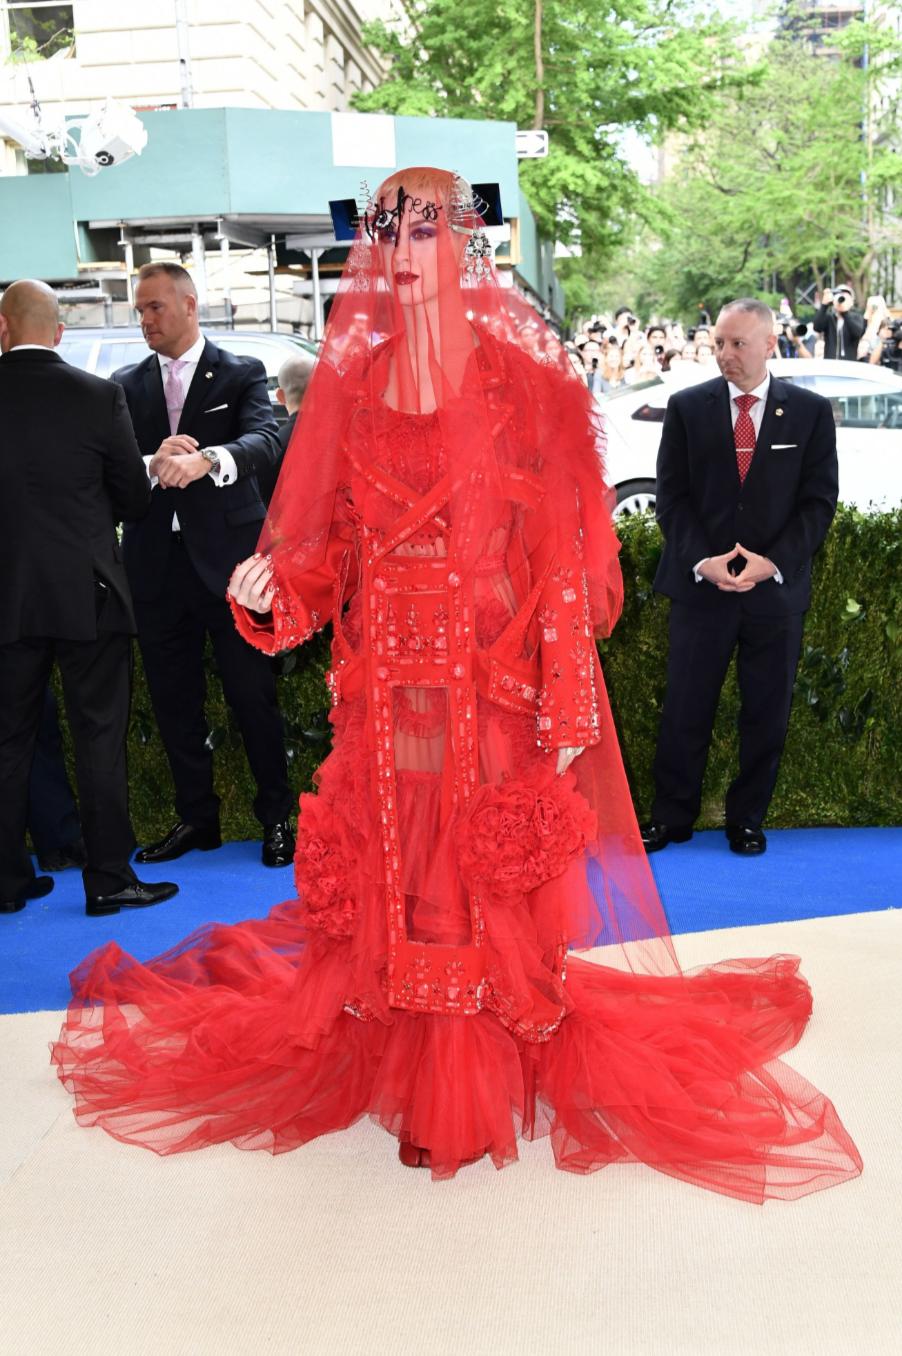 Katy Perry in John Galliano for Maison Margiela